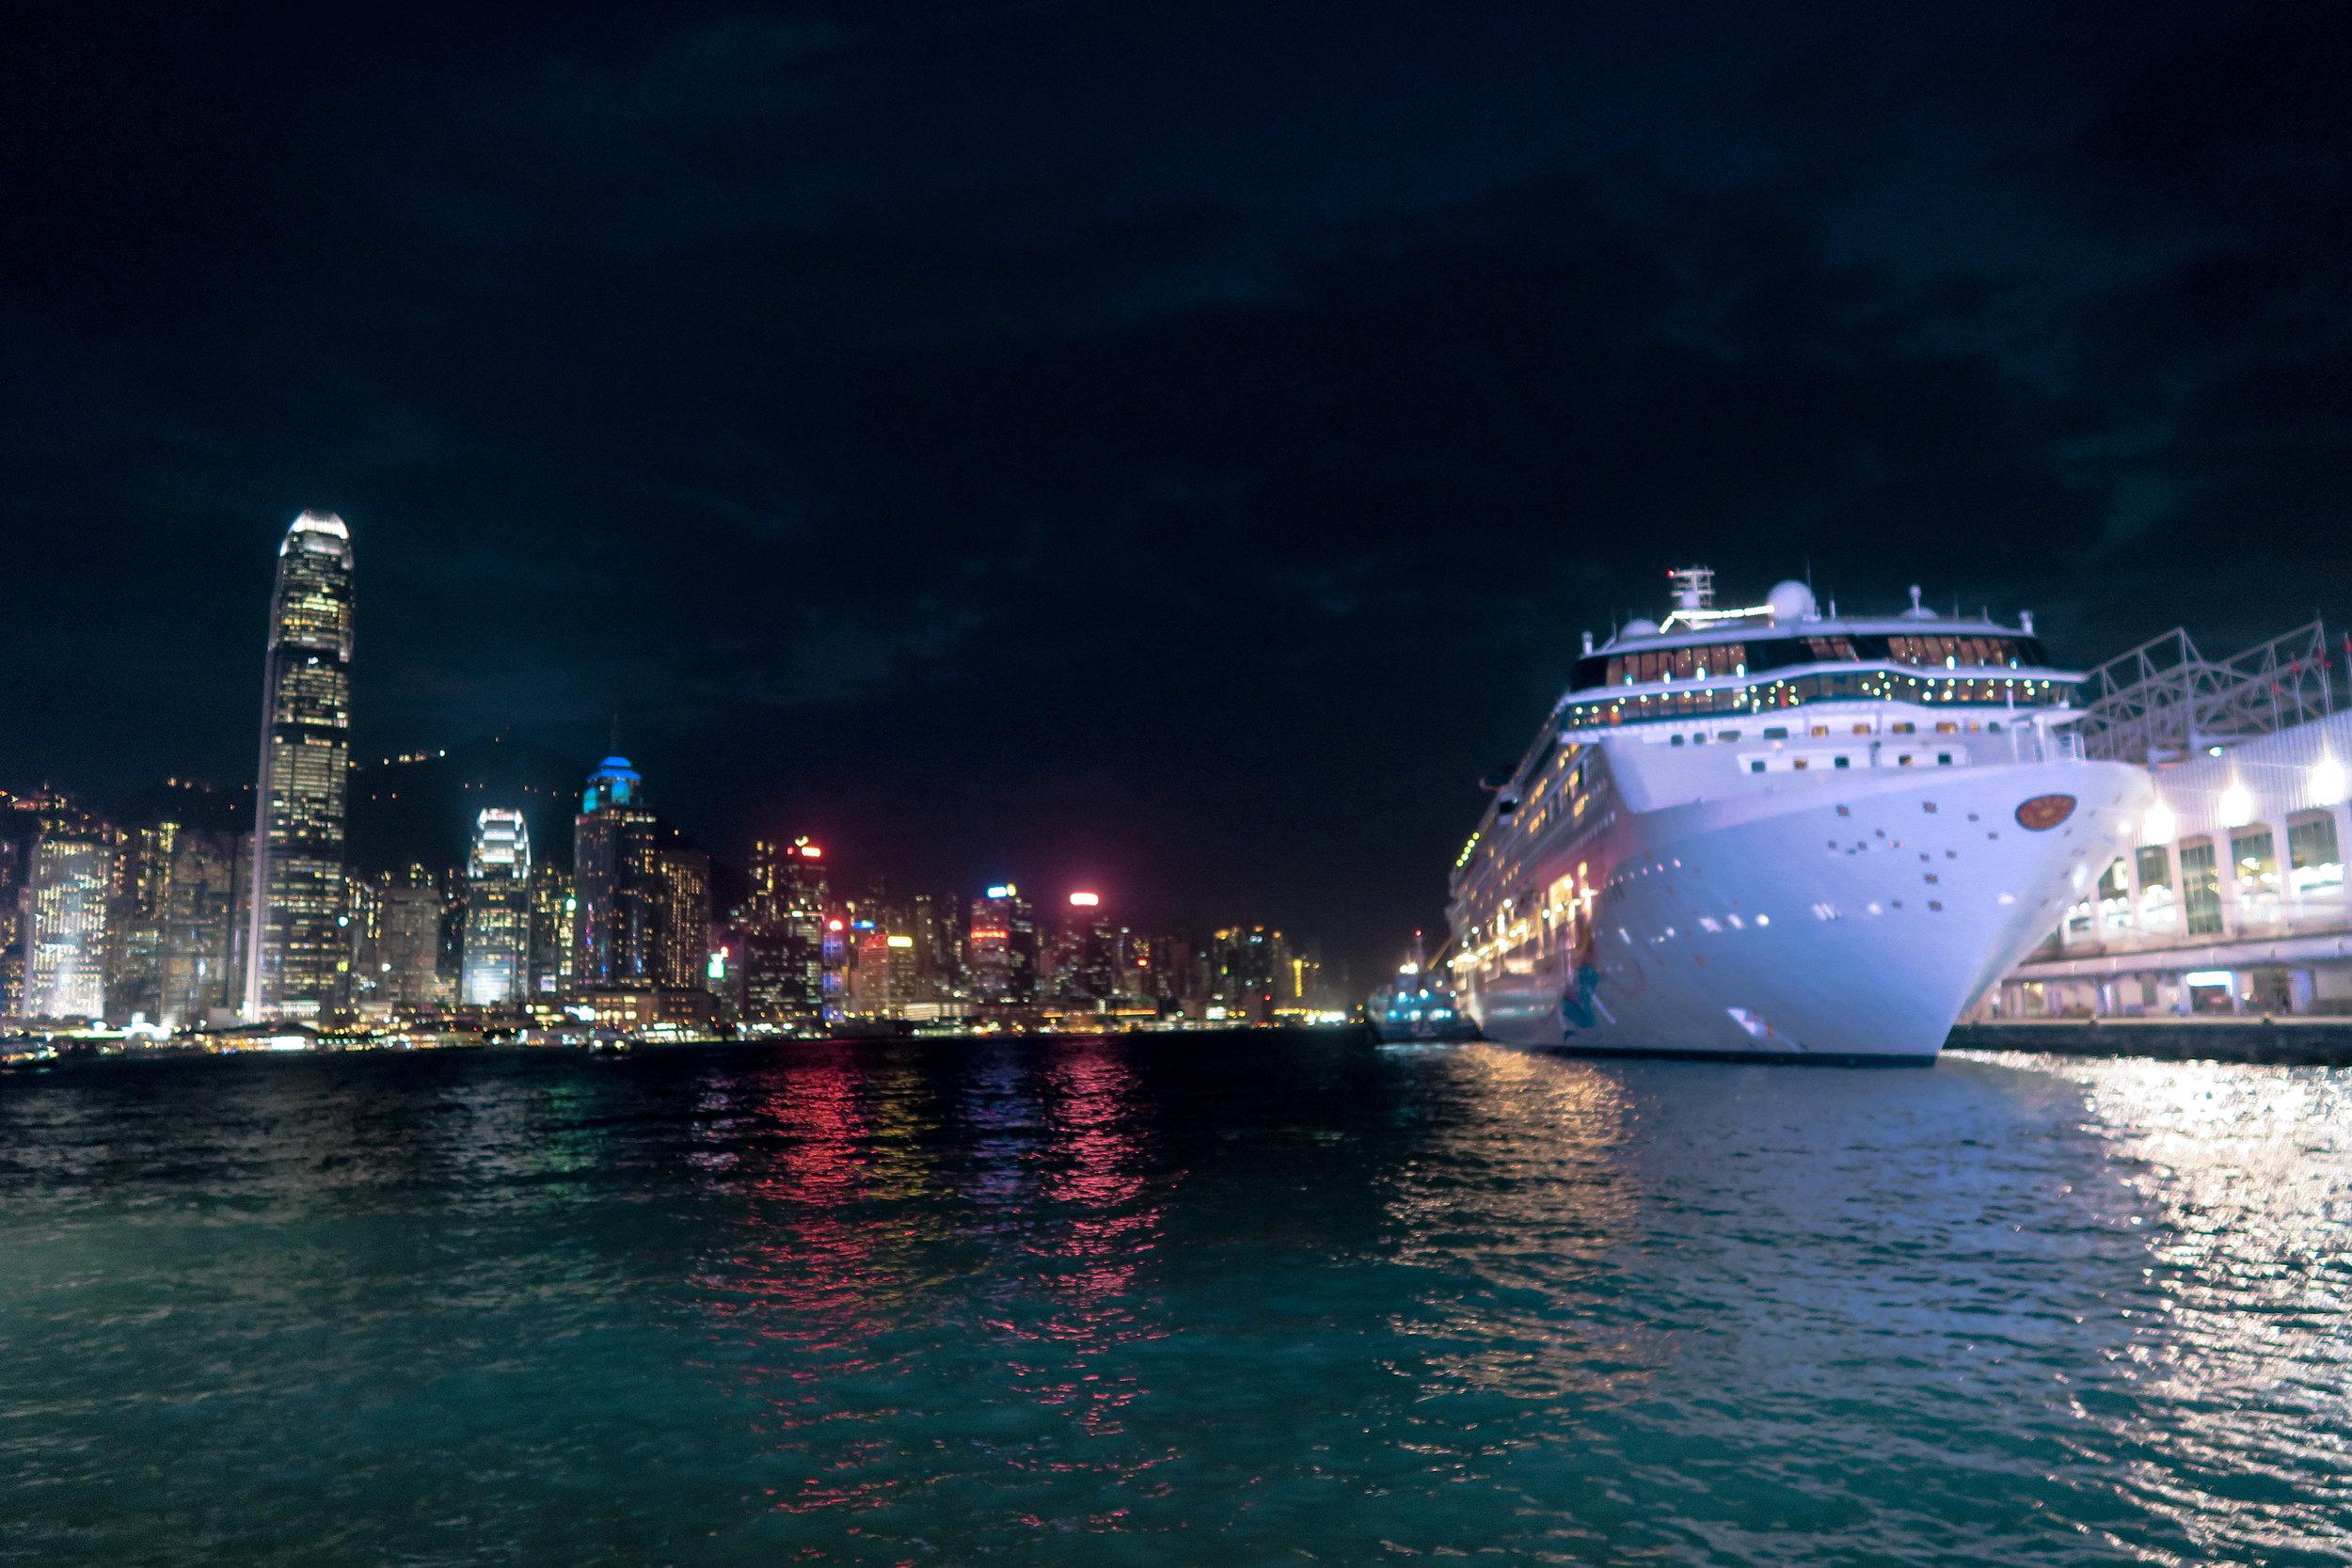 Superstar Virgo docked by Harbor City